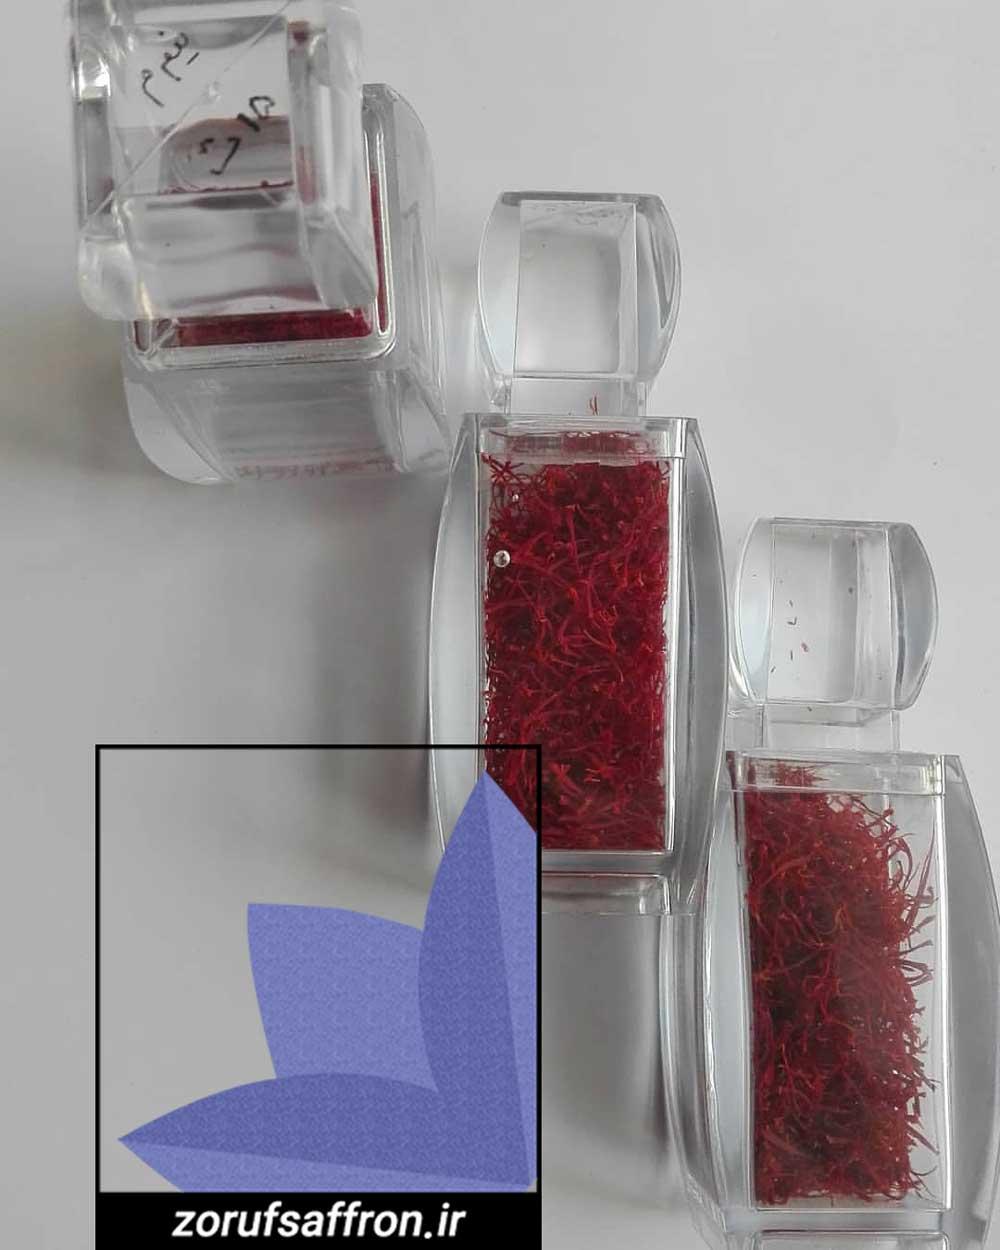 خرید ظروف بسته بندی زعفران صدف